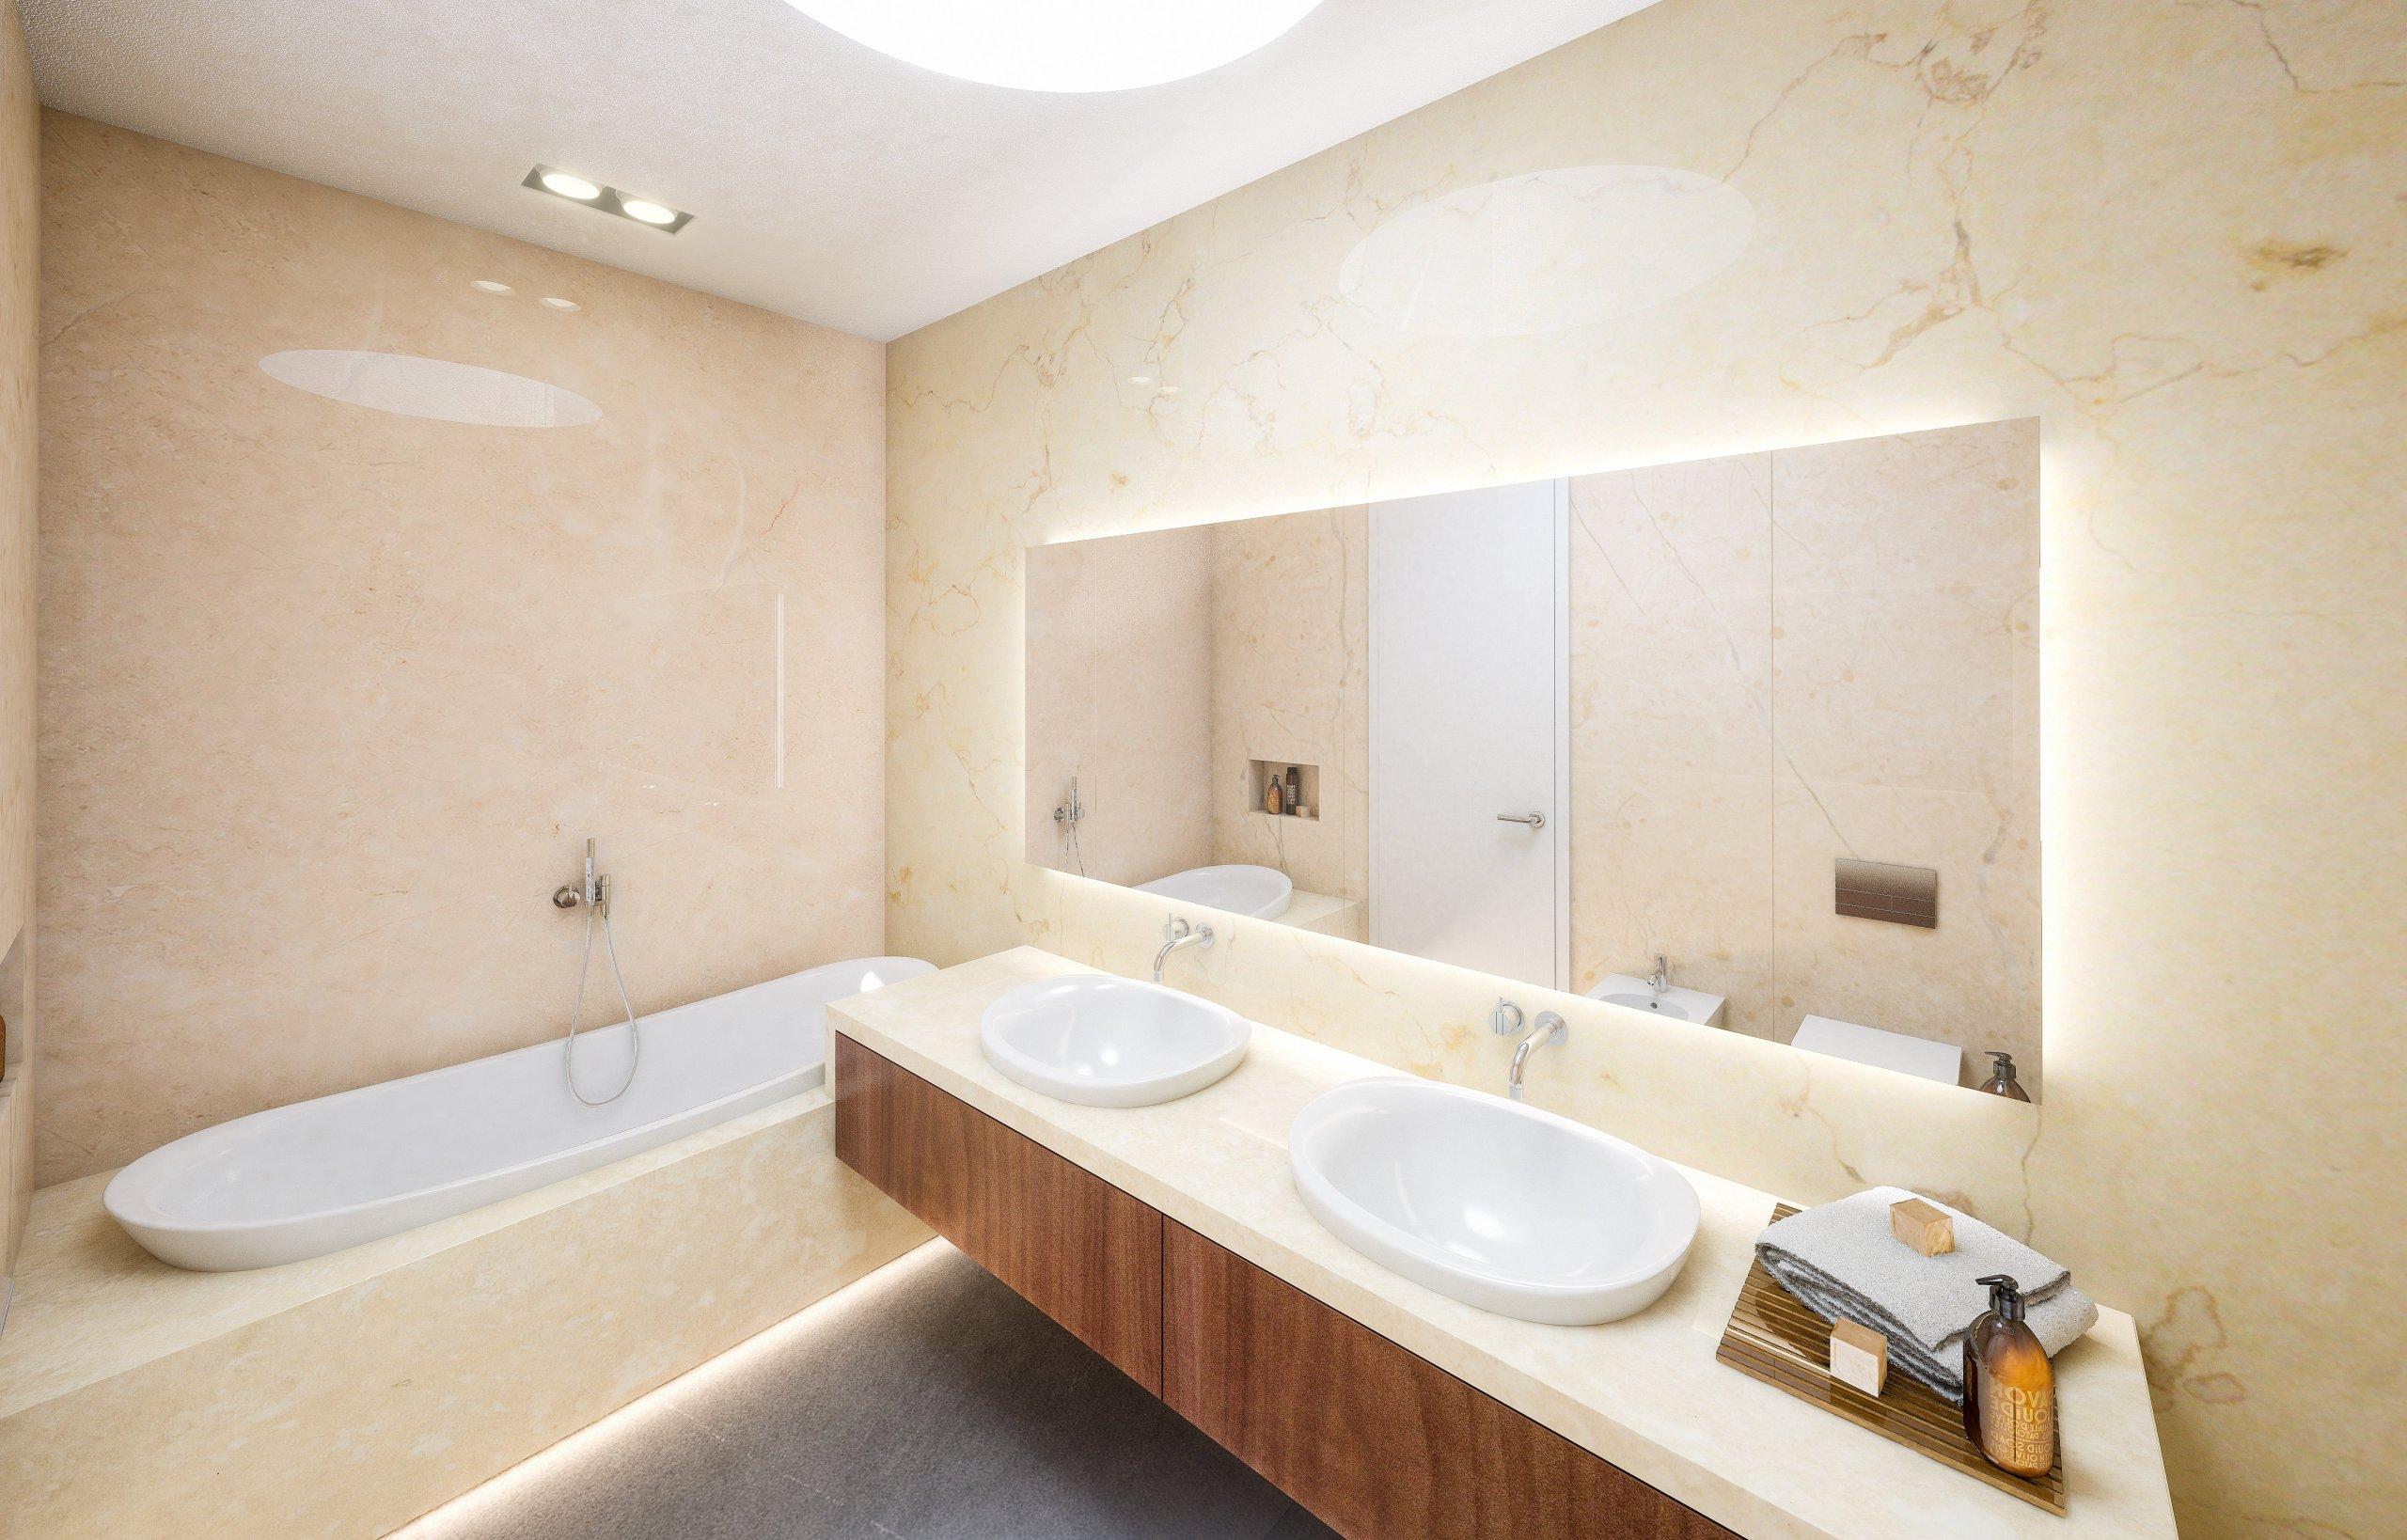 Návrh vzorového interiéru domu projektu 19 rodinných domů Meandry Hostivař předpokládal jisté přehodnocení původního projektu a jeho částečnou úpravu. …